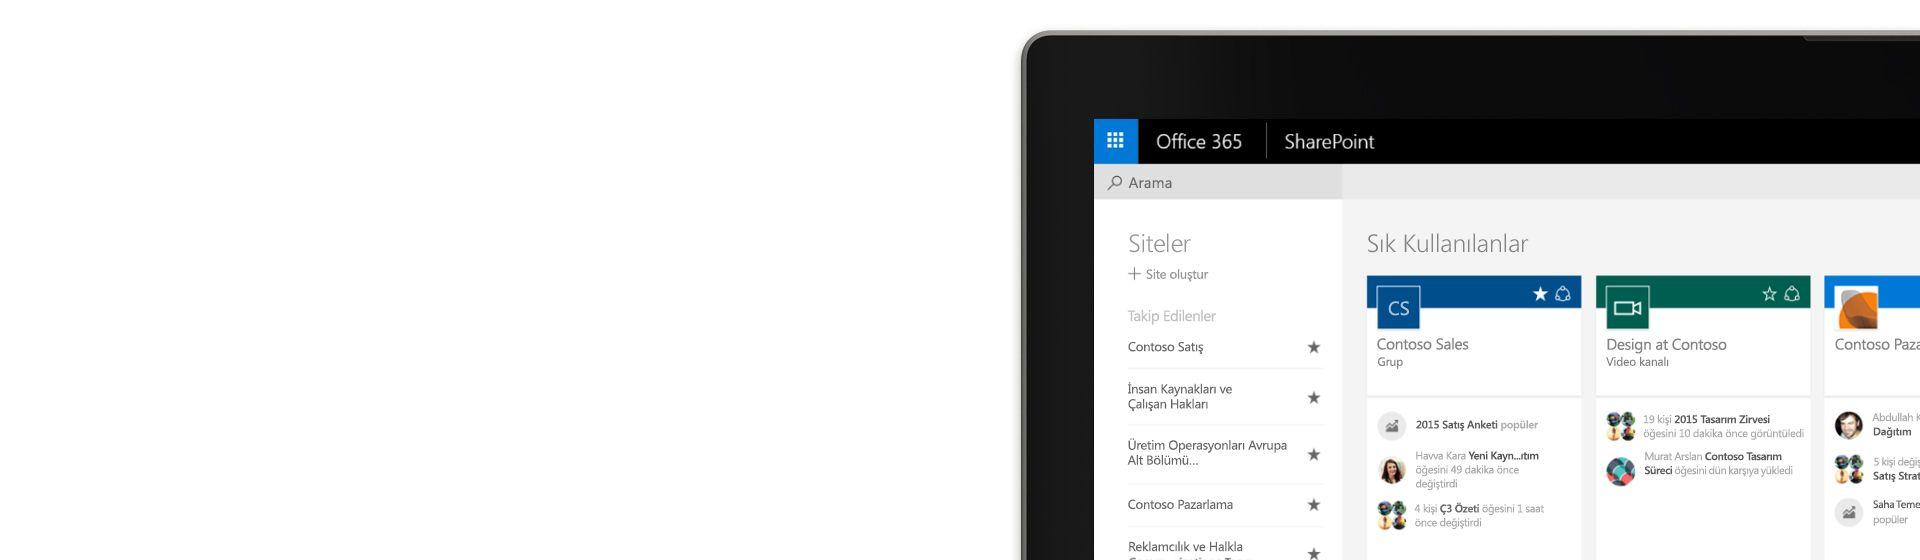 SharePoint'teki ekip sitelerinin listesini gösteren bir bilgisayar ekranının köşesi